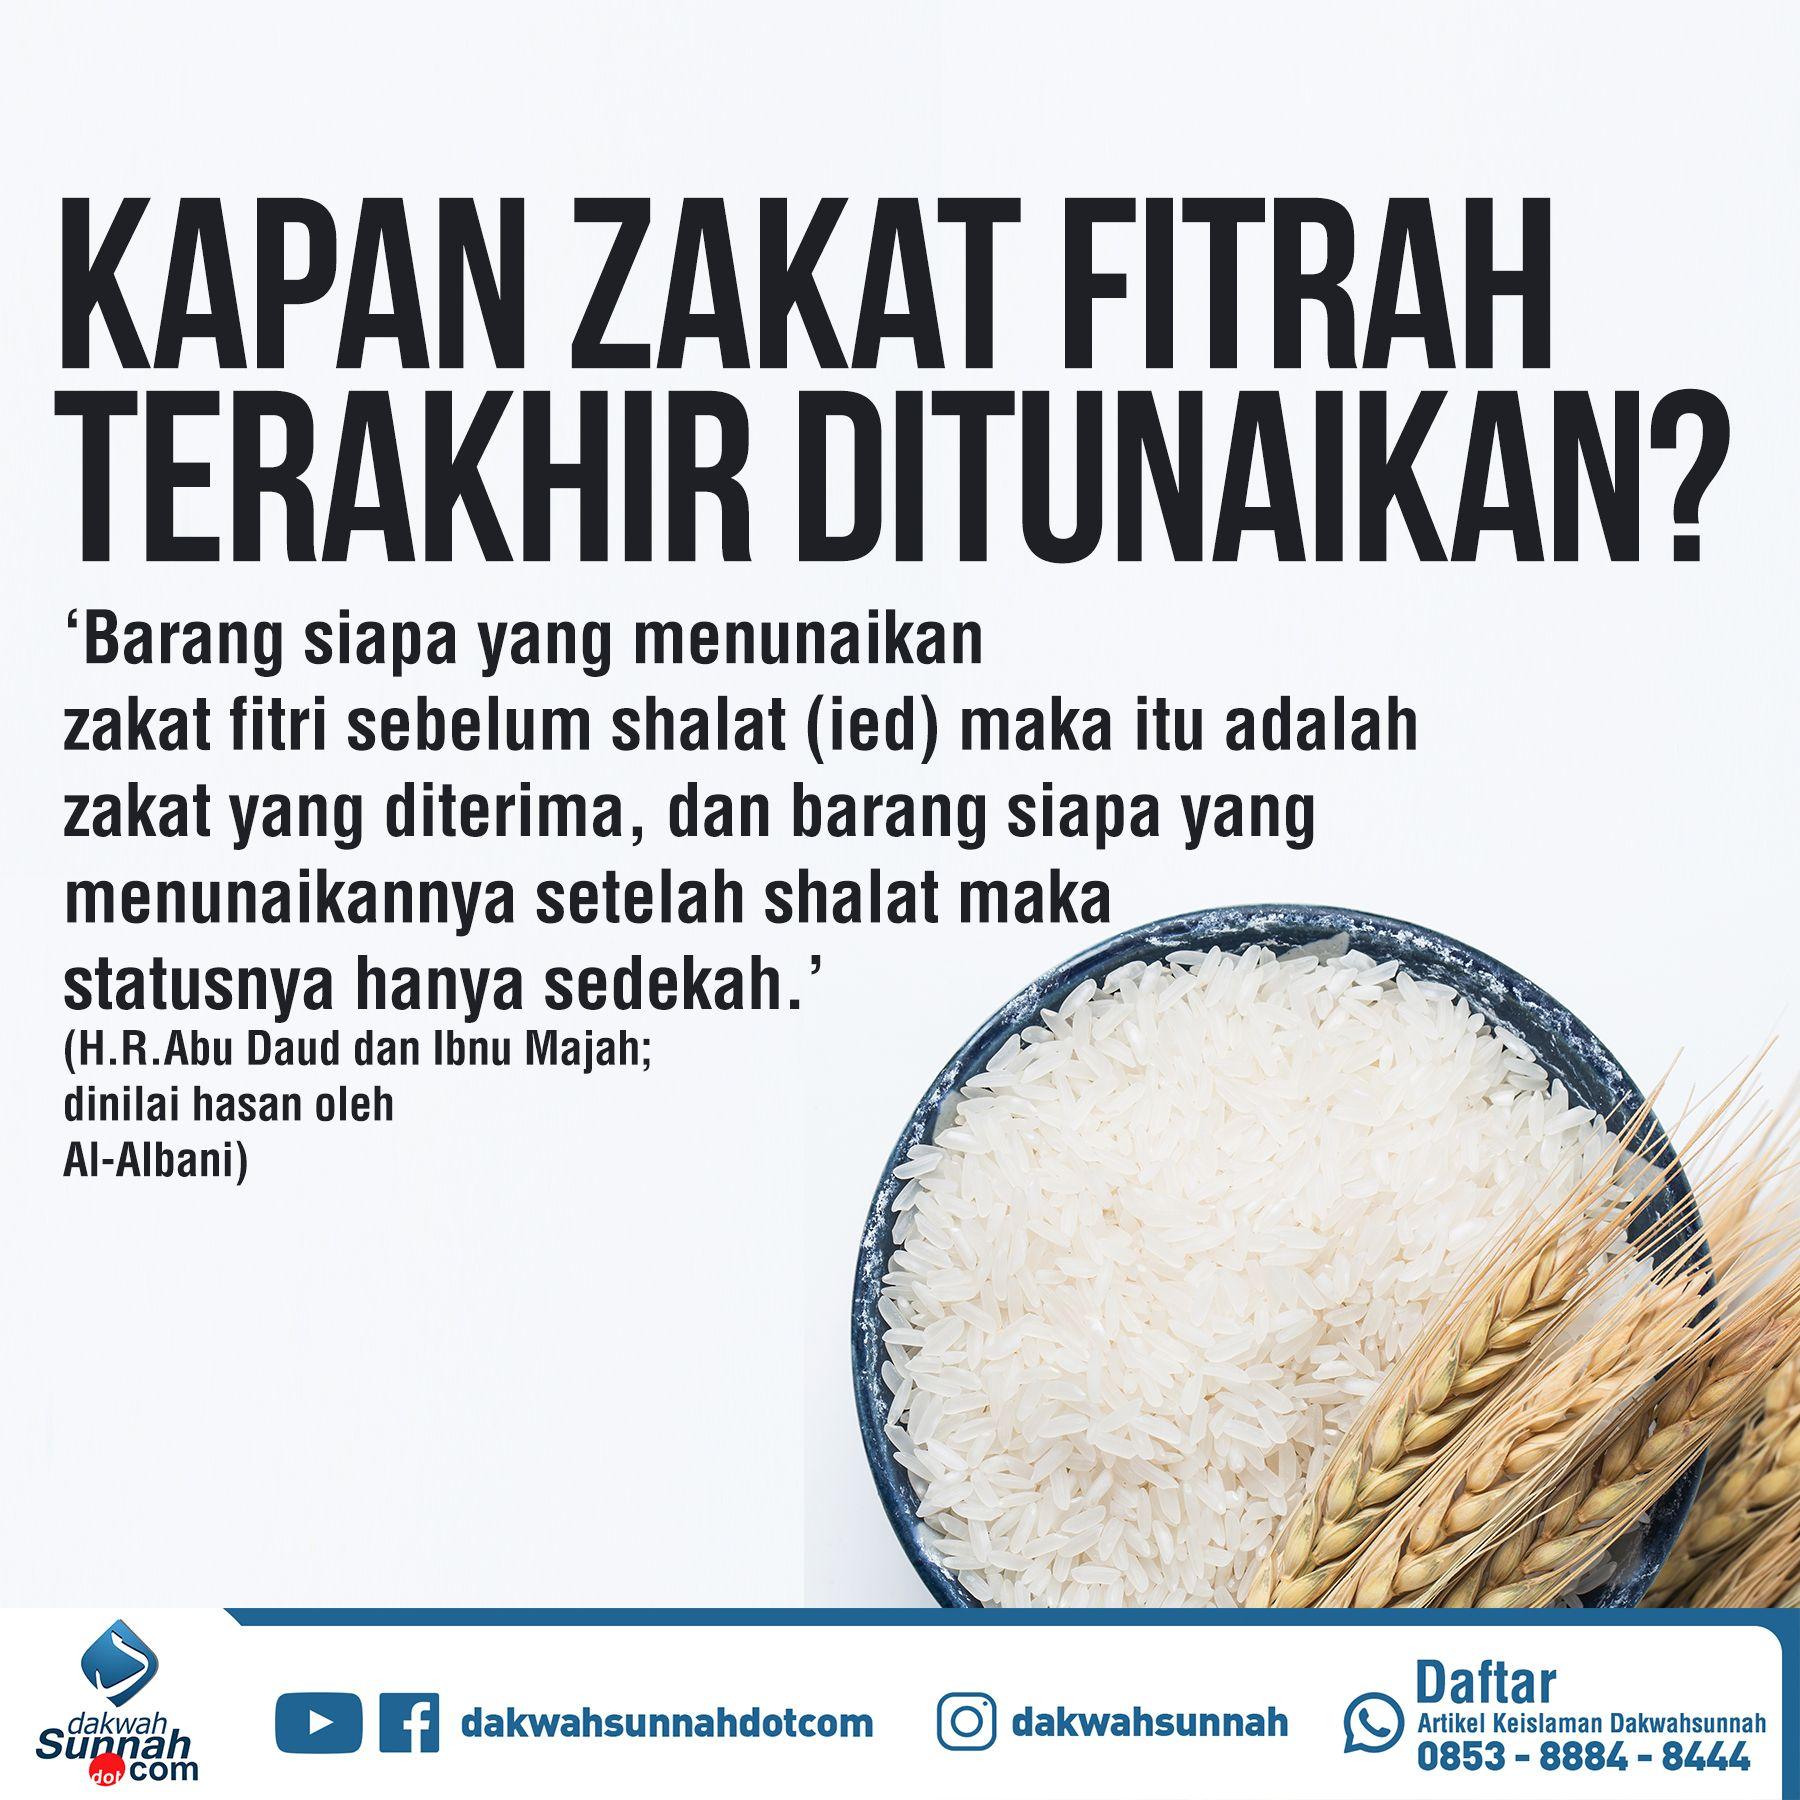 Read More Https Konsultasisyariah Com 6675 Zakat Fitrah Dan